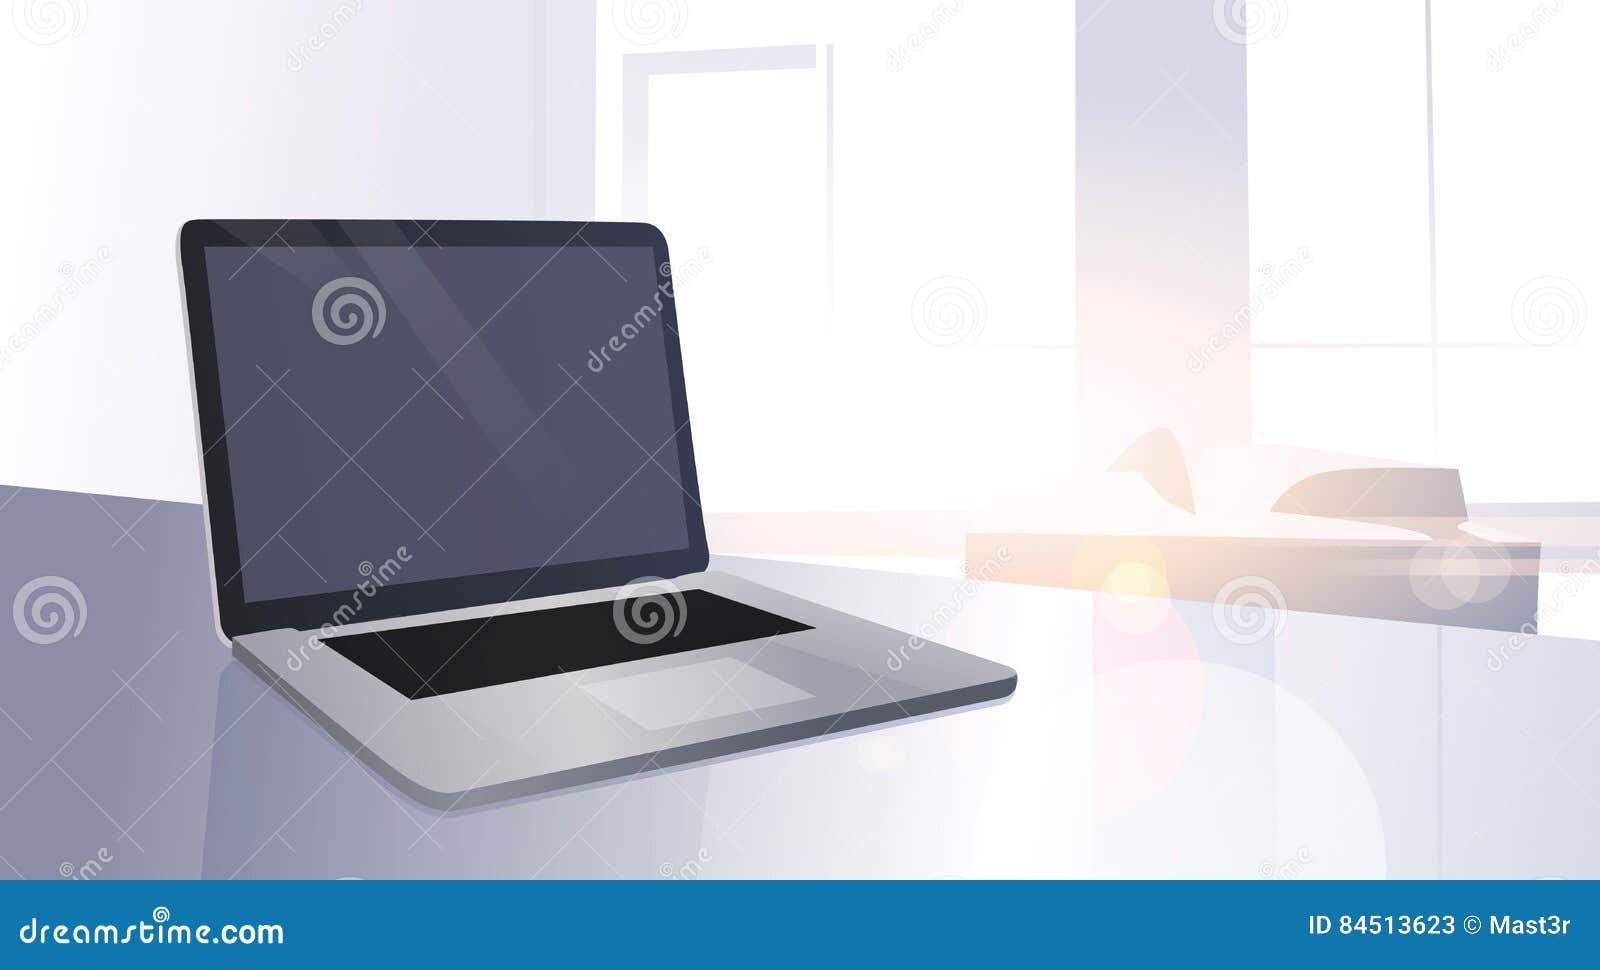 Ο ανοικτός ψηφιακός φορητός προσωπικός υπολογιστής ήλιο παραθύρων επιτραπέζιων στο σύγχρονο διαμερισμάτων λάμπει